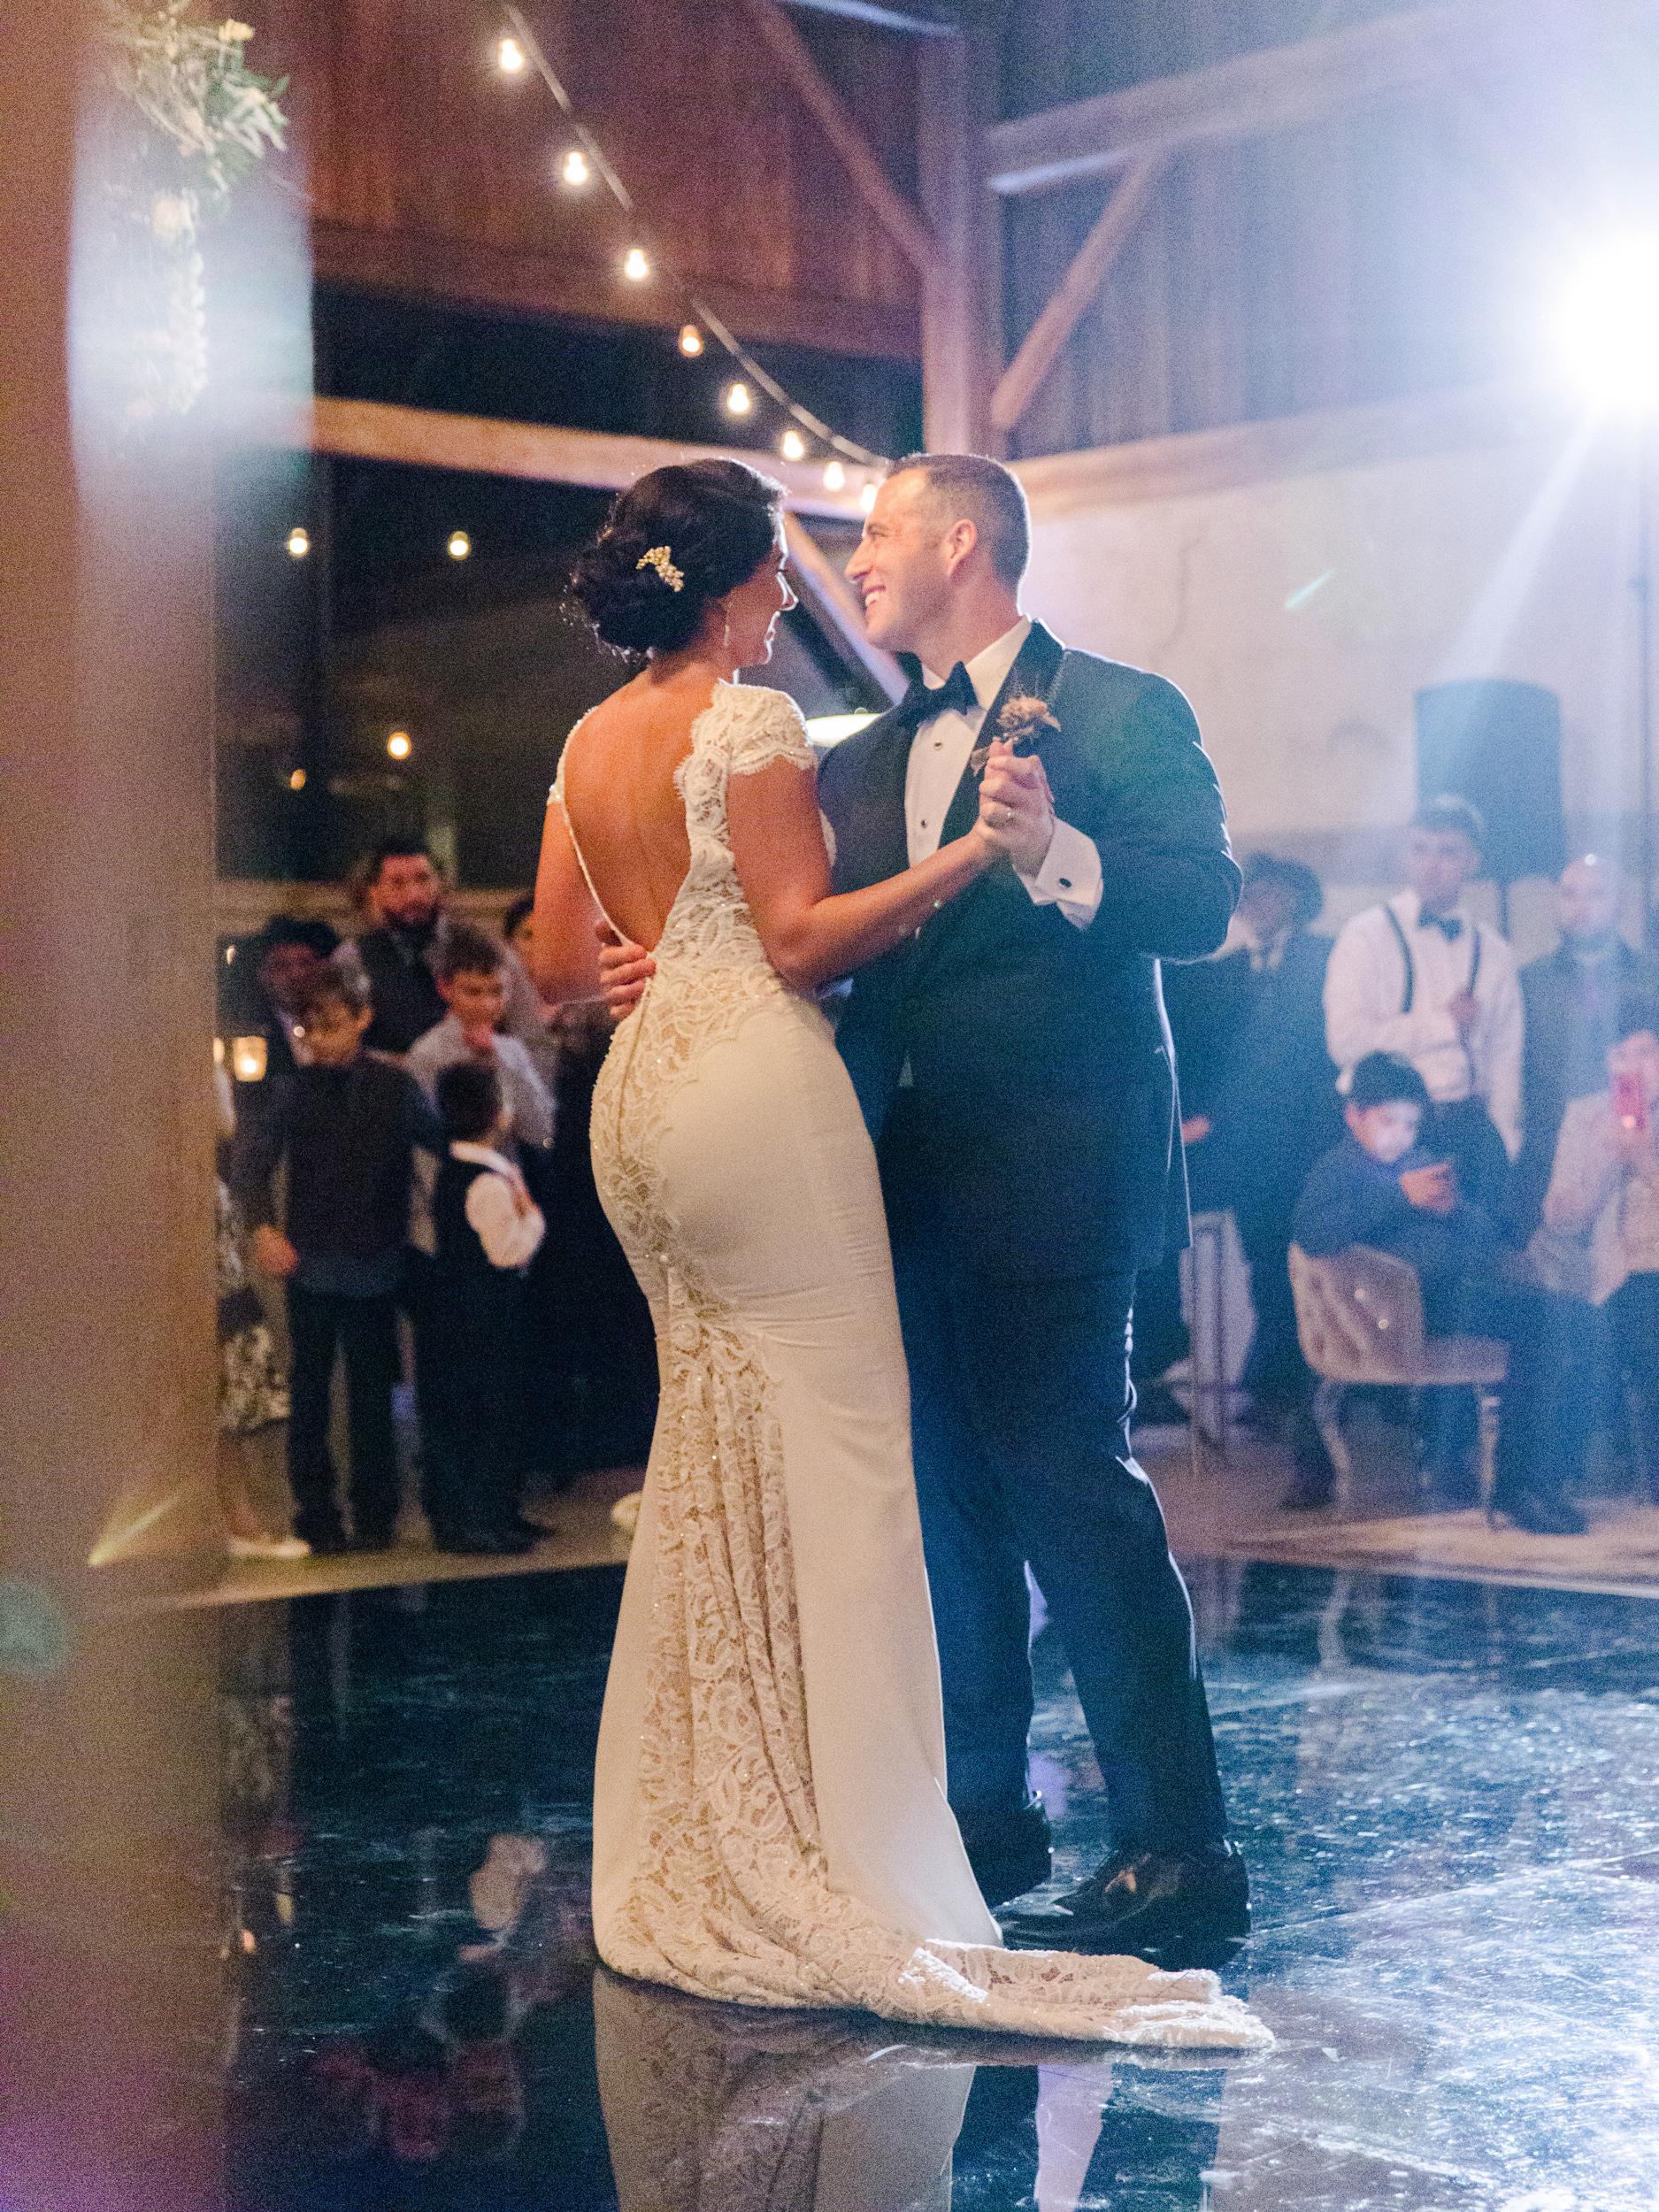 suzanne joseph wedding first dance corbin gurkin